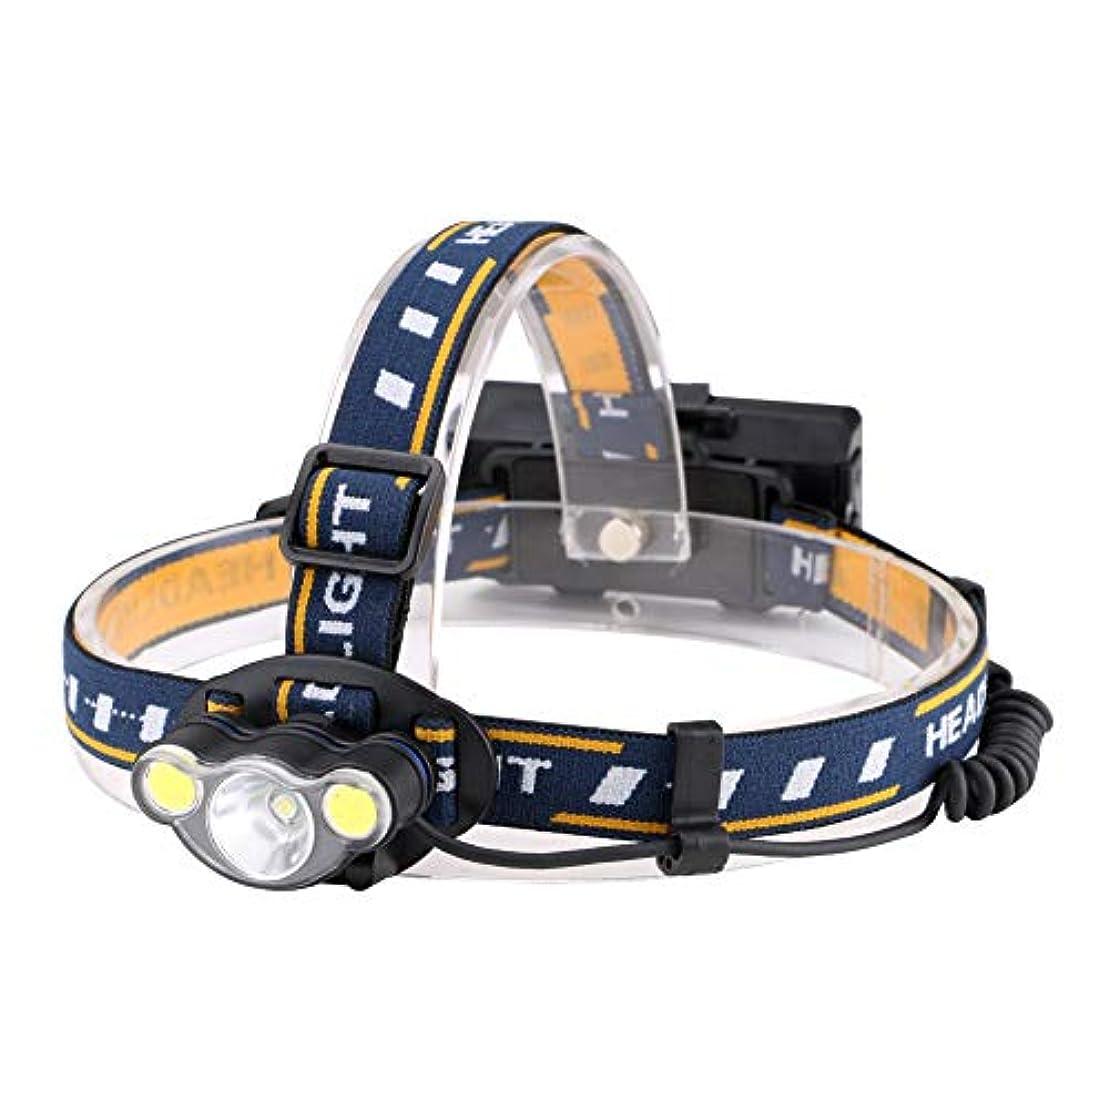 後悔聖書パンサー発信スタイルの楽しみサイクリングキャンプ用LED + COBヘッドランプヘッドライト充電式ライトUSBケーブル